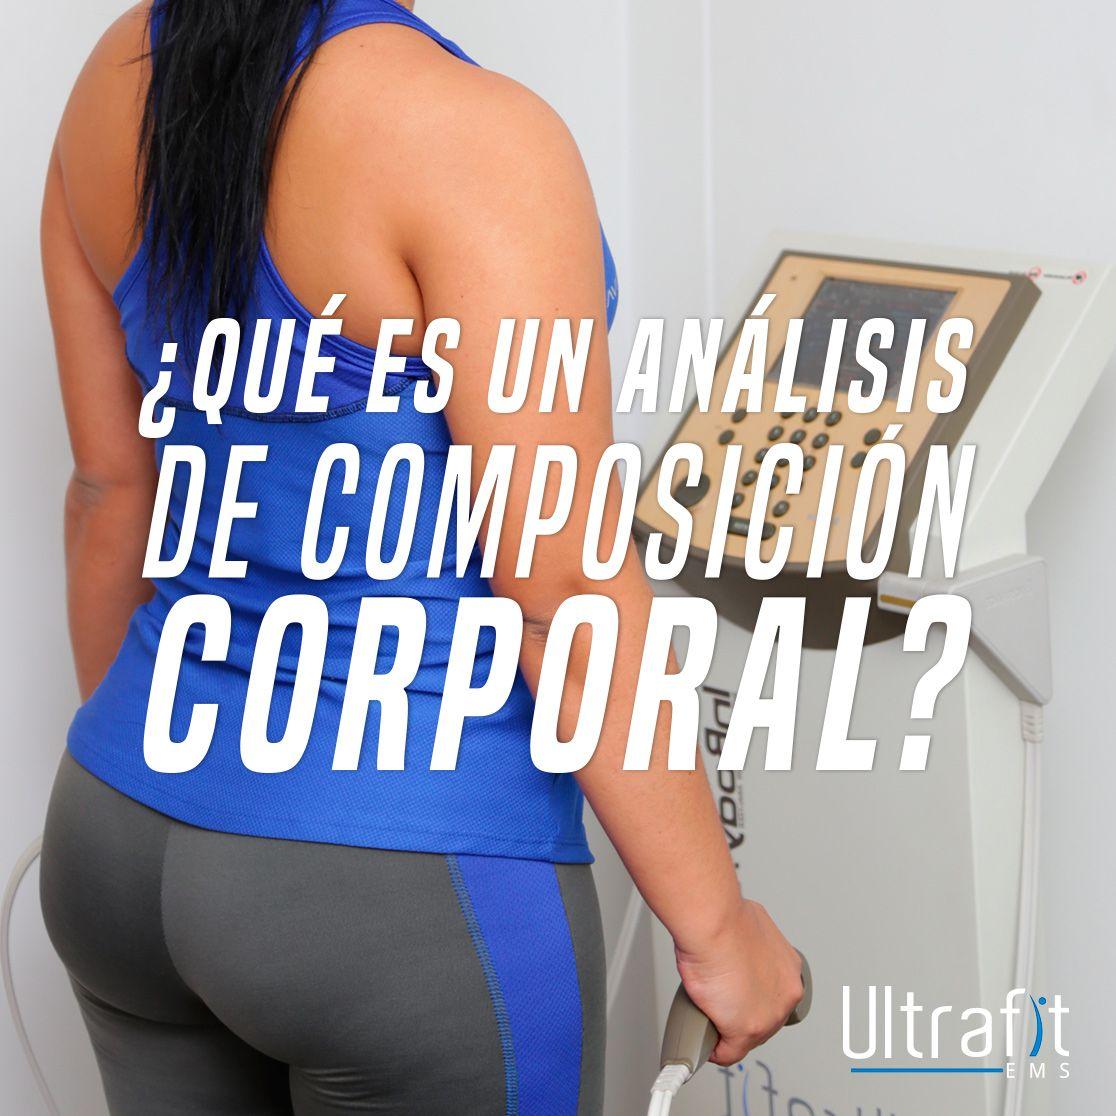 El análisis InBody divide el cuerpo humano en 4 componentes: Agua Corporal Total, Masa Grasa, Minerales y Proteínas, esto nos da una mayor precisión a la hora de ajustar tu entrenamiento personalizado 💪 #SomosUltrafit ⚡ #Fitness #20Minutos #EMS #Amazing #Fun #Run #Fitnesslifestyle #Sport #Deporte #Blue #MedellinFit #Pasion #Electroestimulacion #Ejercicio #New #Health #Healthy #Medellin #WorkOut #WorkHard #FitnessAddict #Fitnesslifestyle #InstaCool #InstaFollow #Exercise #Enjoy #NoPainNoGain